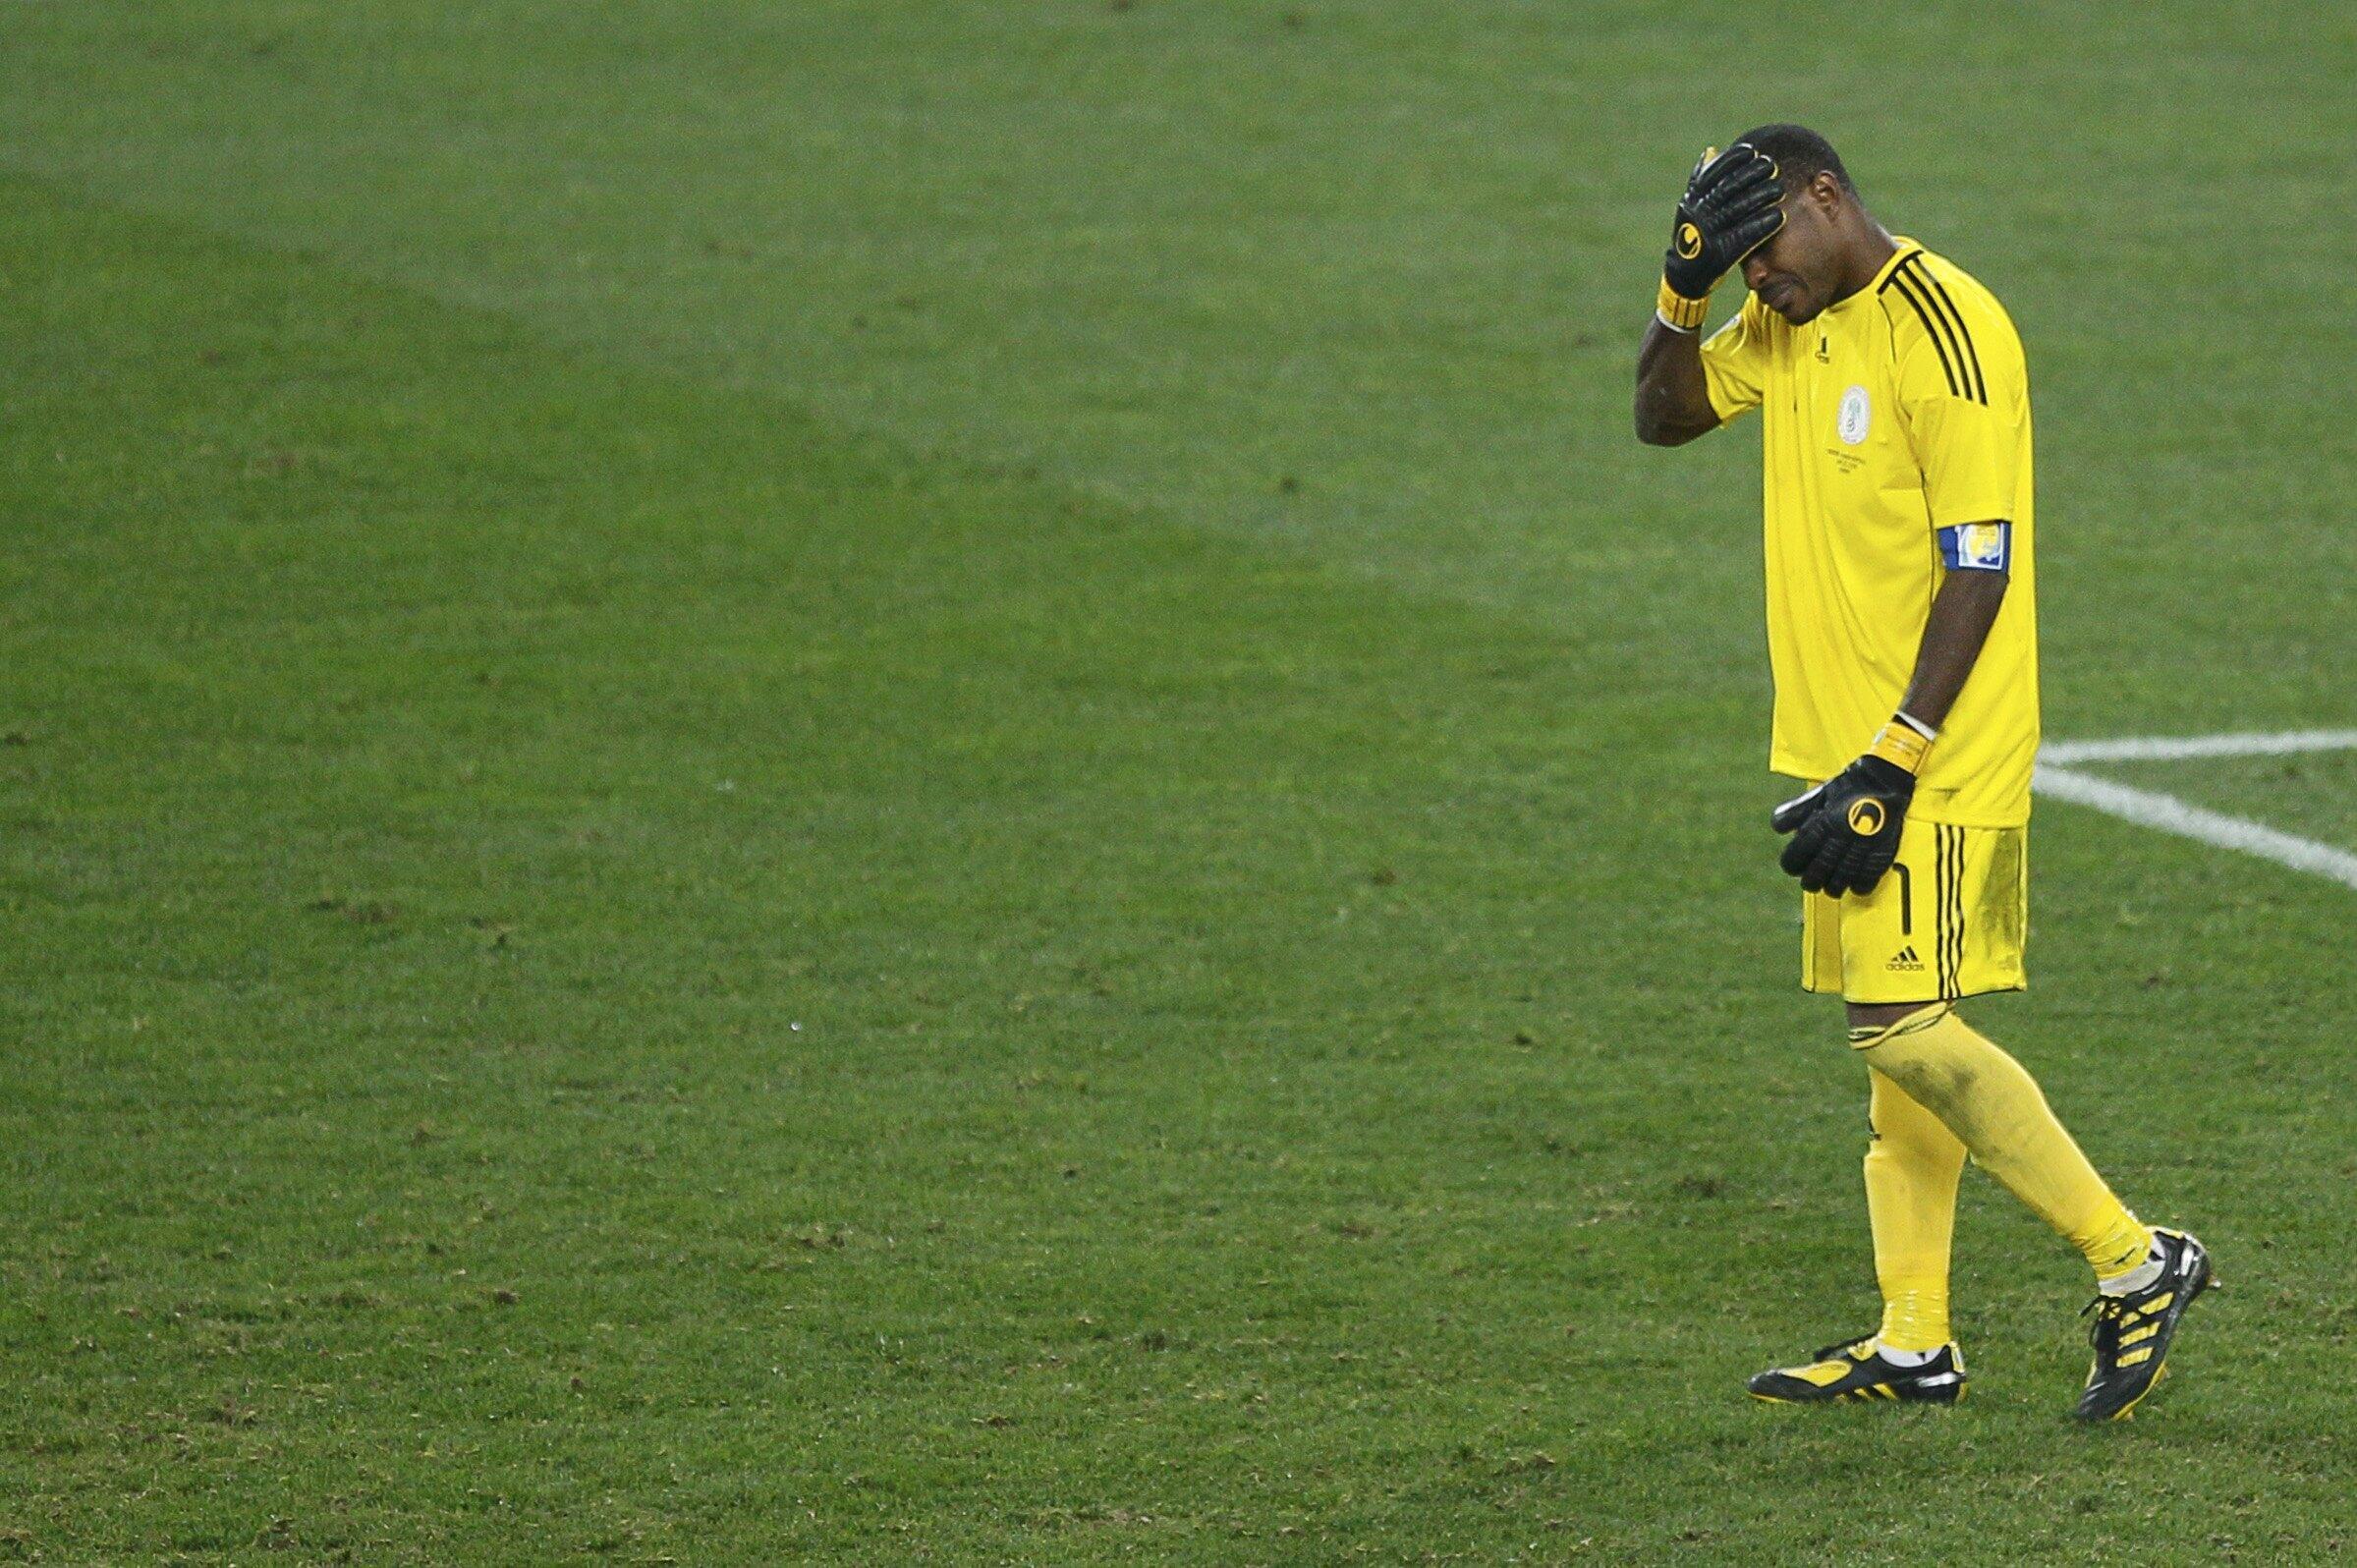 Le gardien de but Vincent Enyeama lors de la défaite contre la Corée du Sud le 22 juin à Durban.